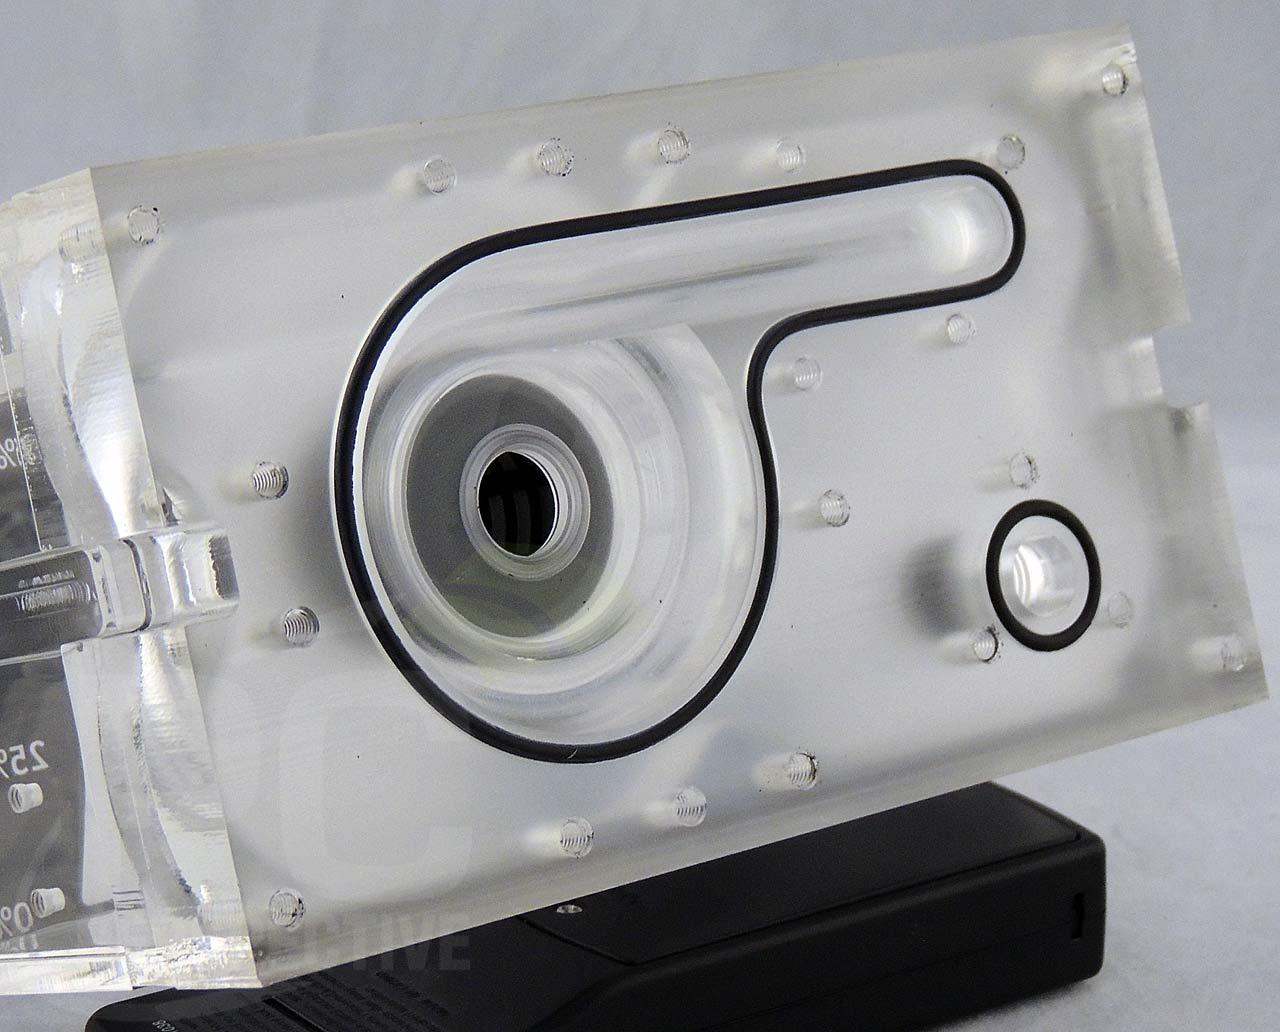 09-reservior-back-inside-profile.jpg